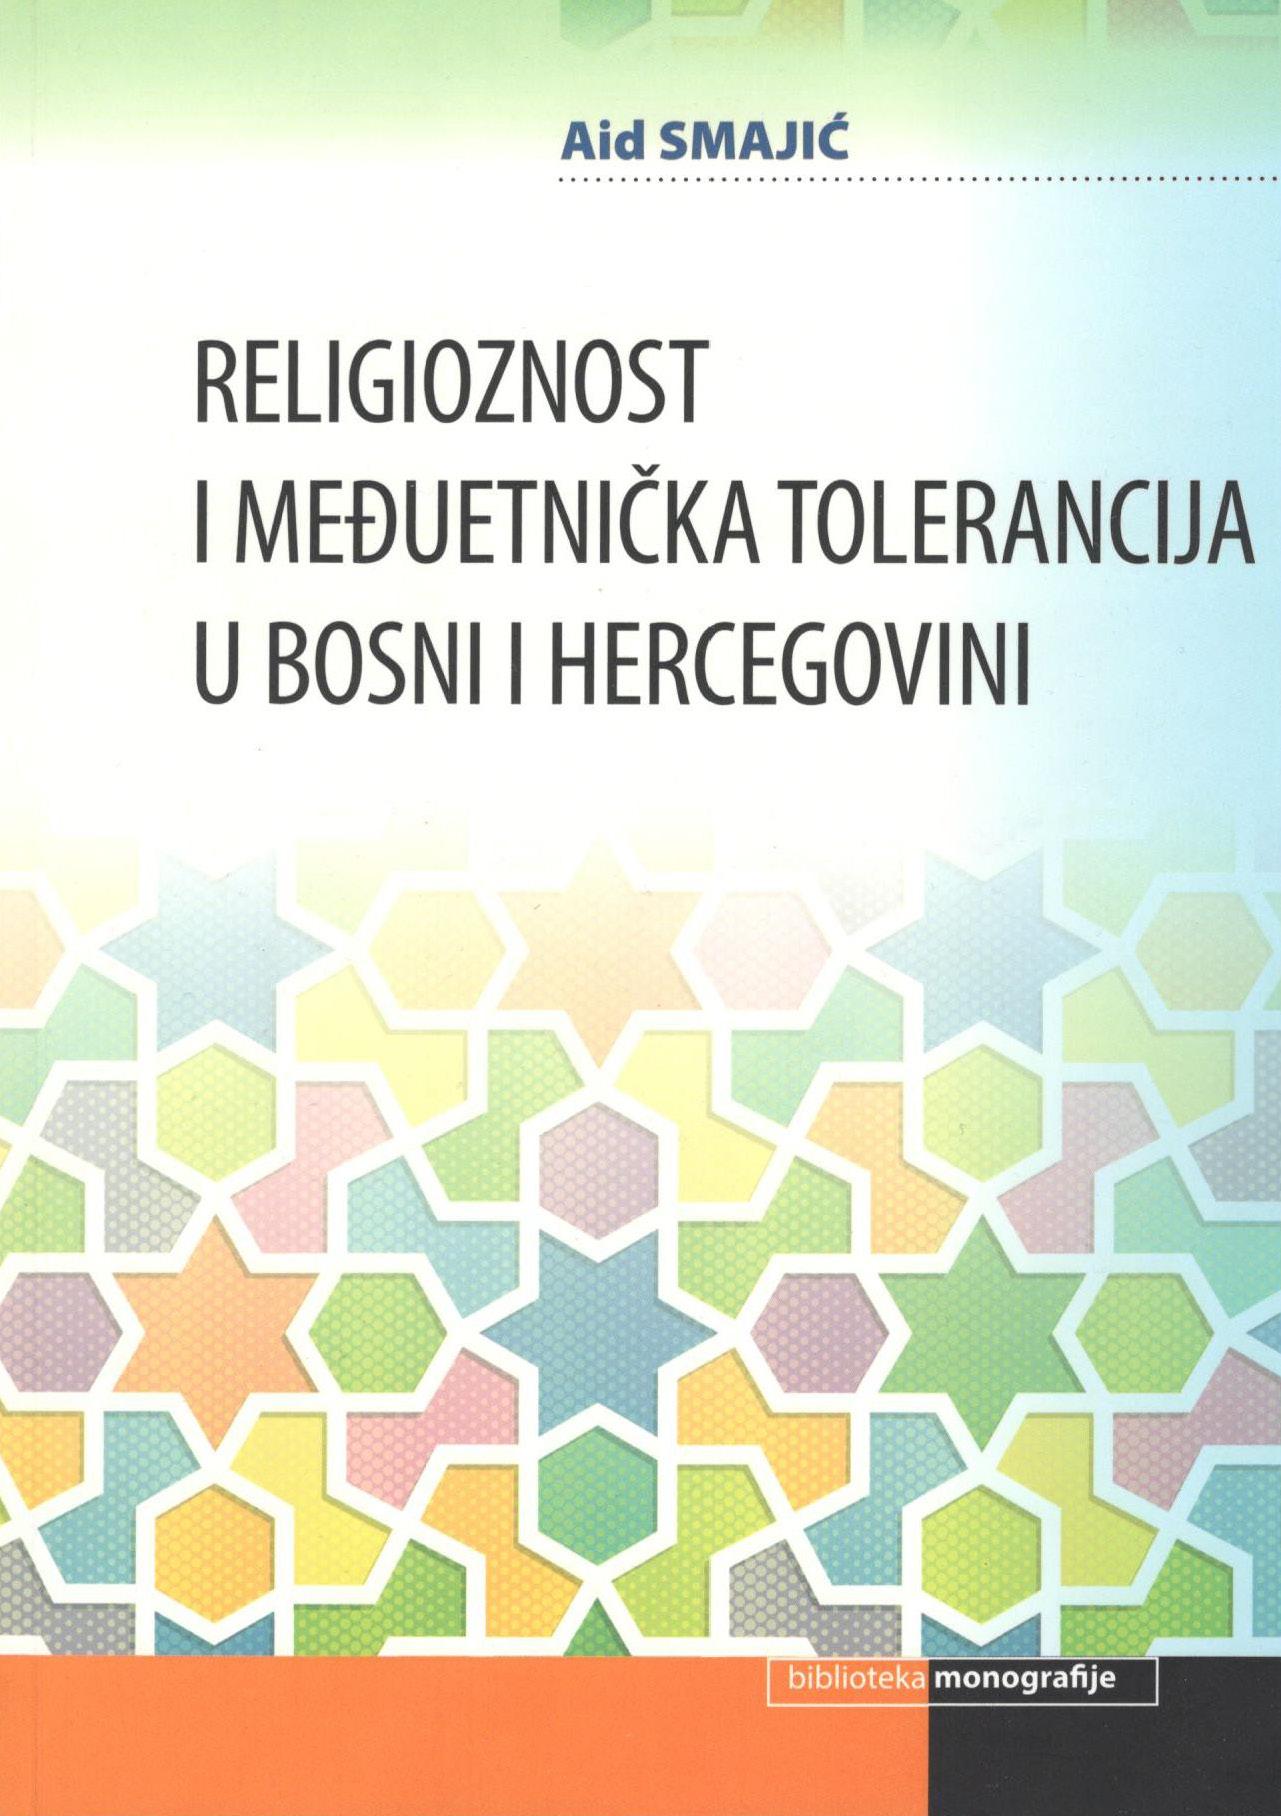 Religioznost i međuetnička tolerancija u Bosni i Hercegovini